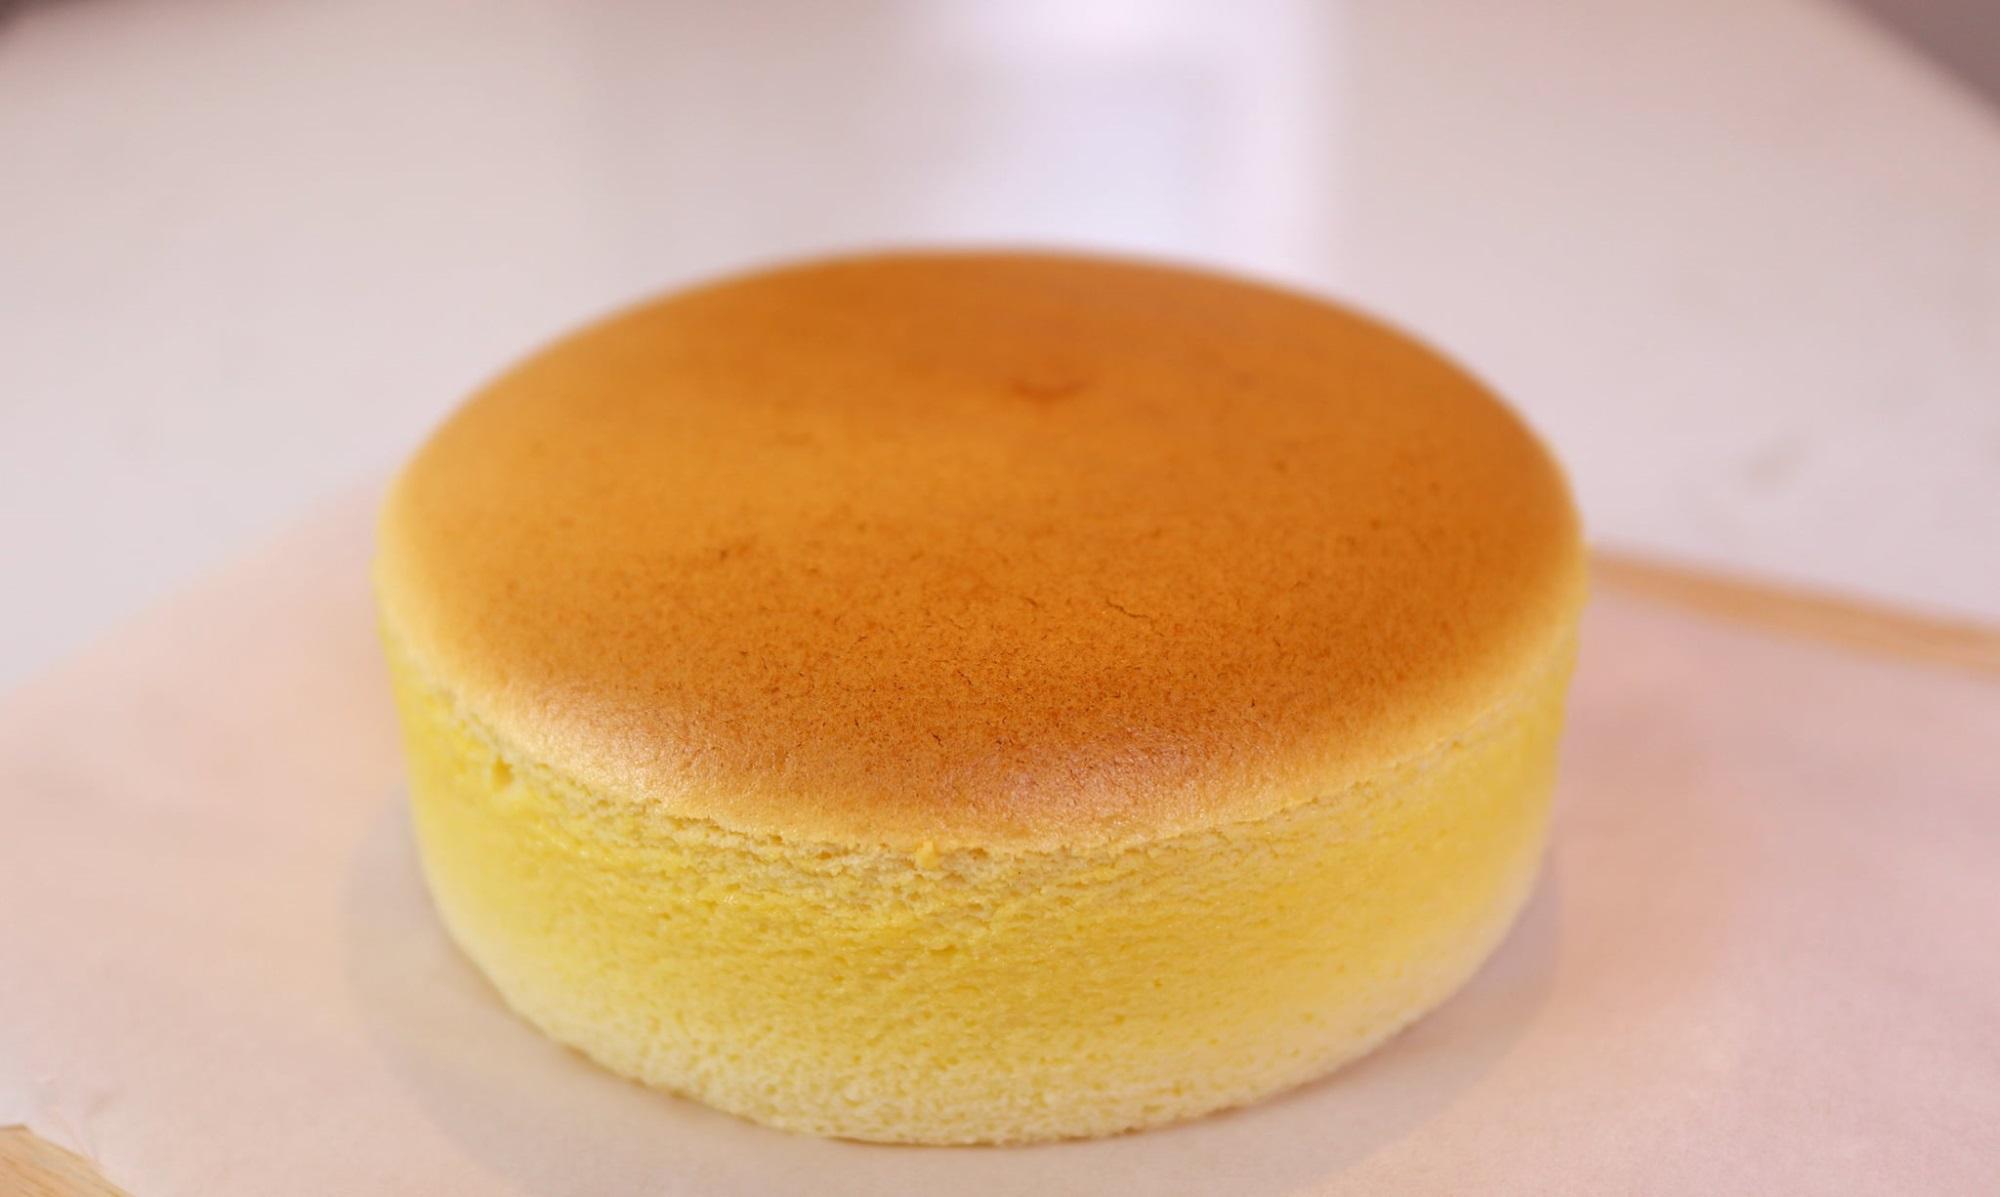 Mê mẩn bánh bông lan phô mai Nhật Bản mềm xốp béo mịn - công thức lại đơn giản vô cùng - Ảnh 3